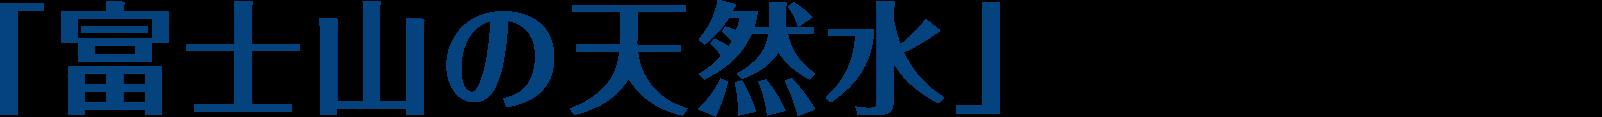 富士の天然水のおいしさ